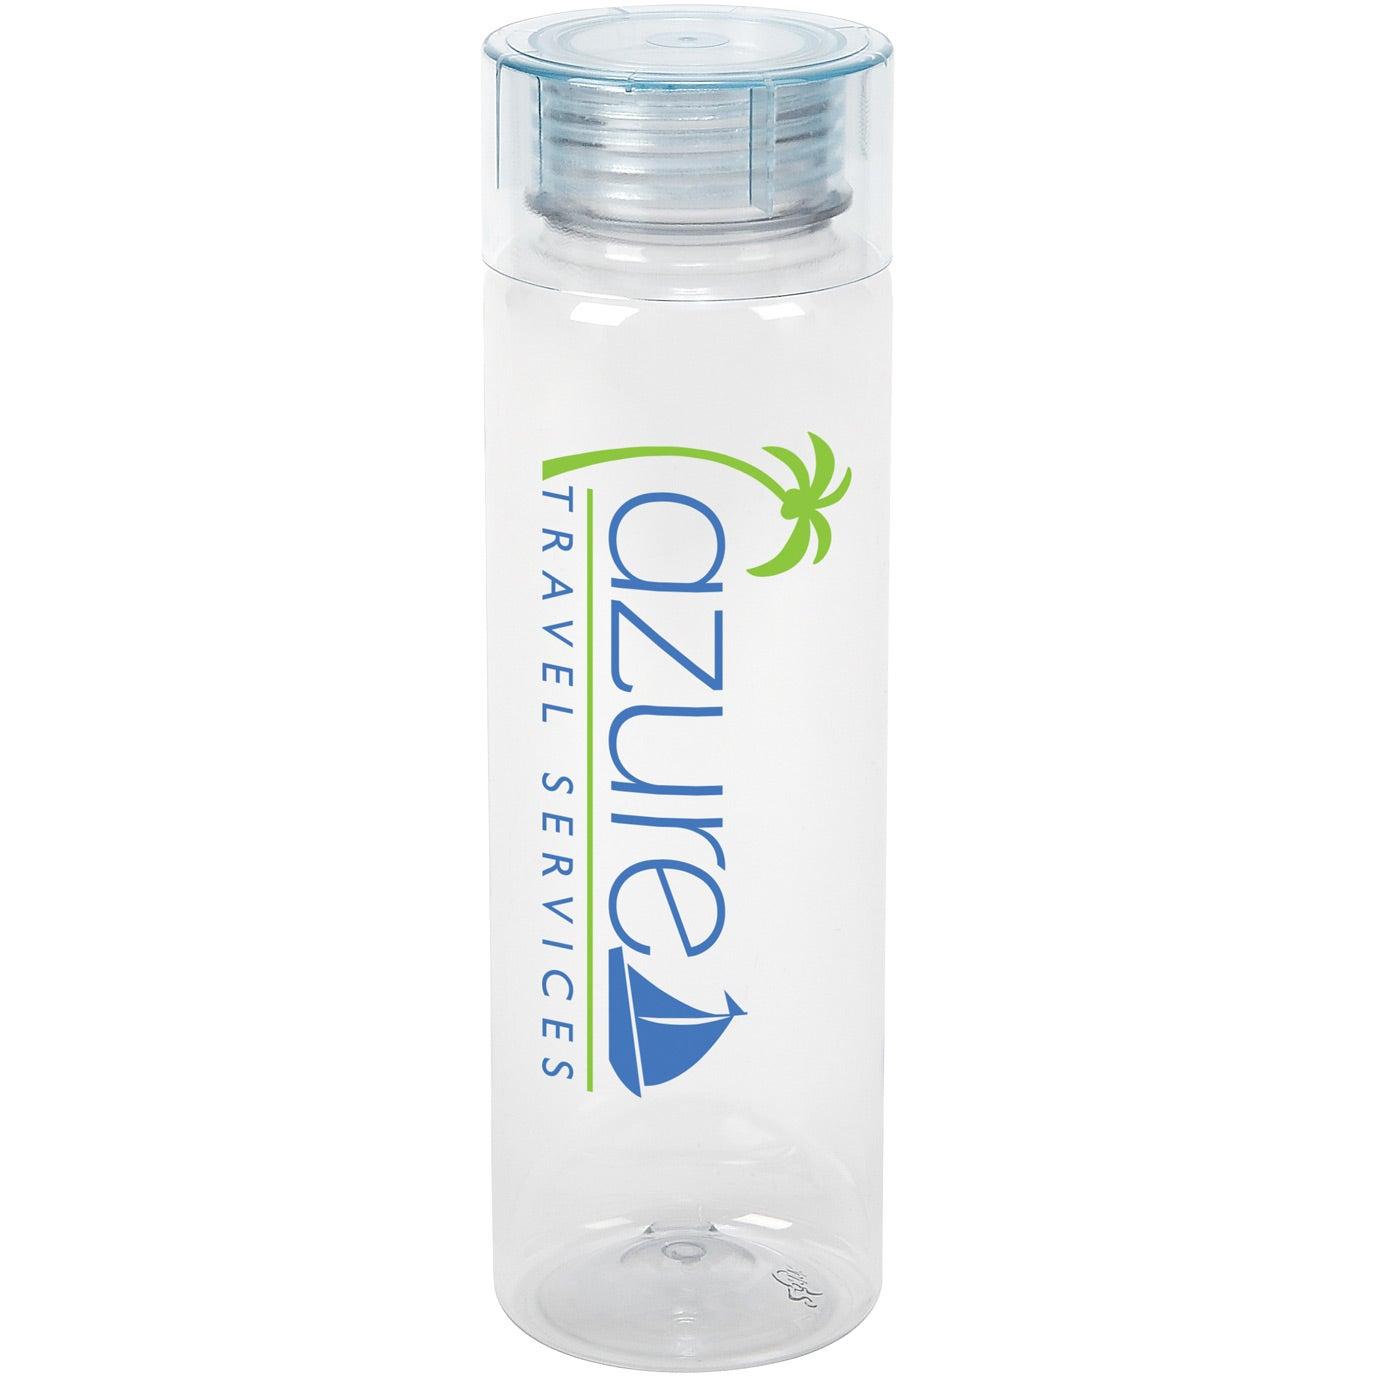 Cylinder bottle 27 oz personalized water bottles 3 for Custom bottled water bottles